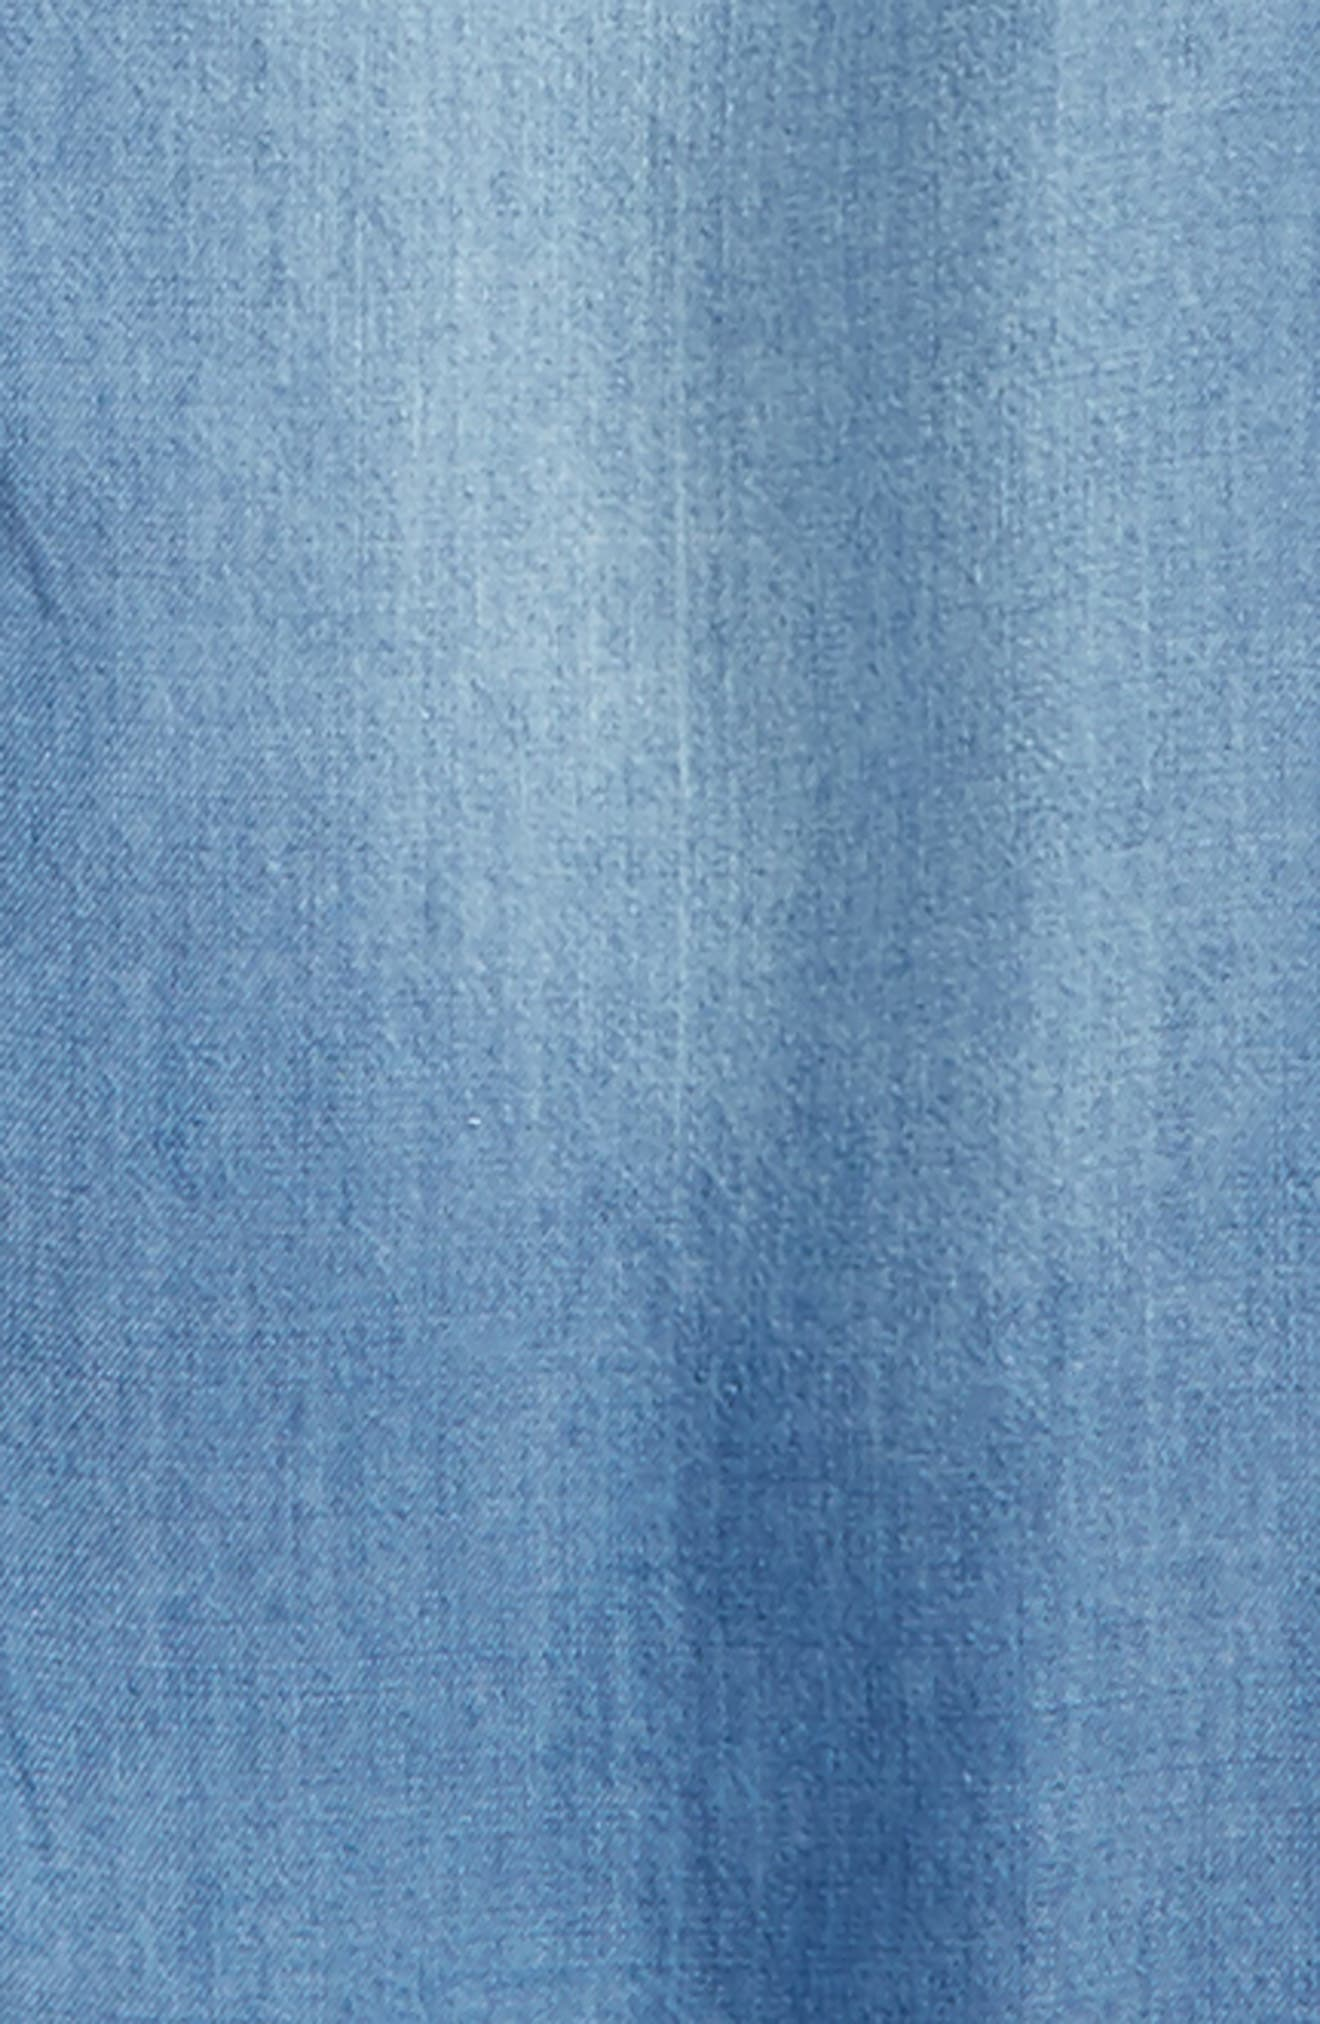 Ruffle Chambray Shirt,                             Alternate thumbnail 2, color,                             Medium Blue Wash